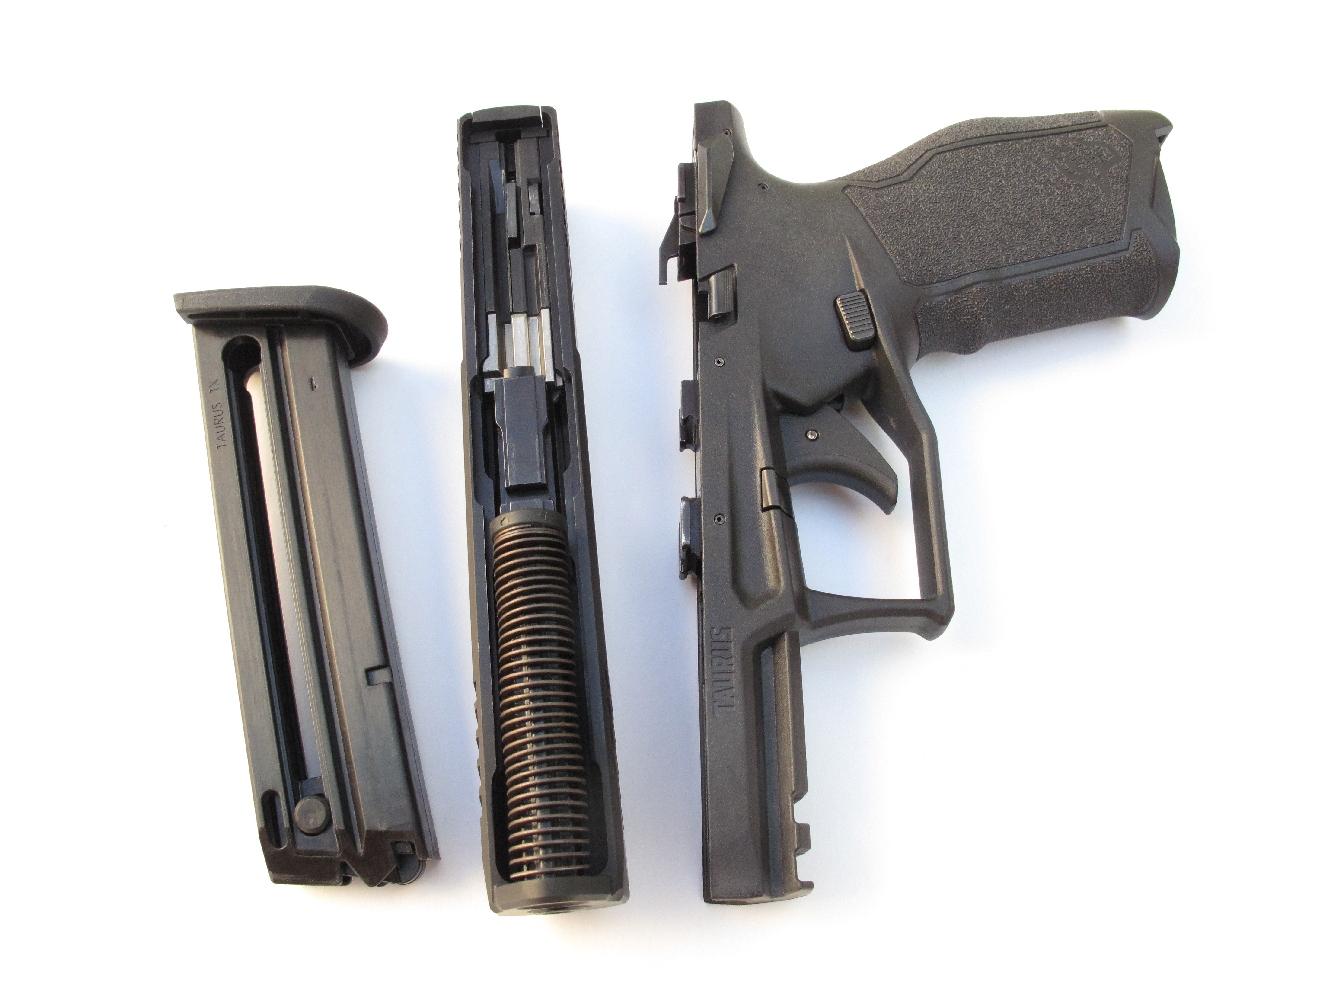 Le démontage sommaire de ce pistolet s'effectue selon une procédure identique à celle des pistolets de gros calibre de dernière génération.